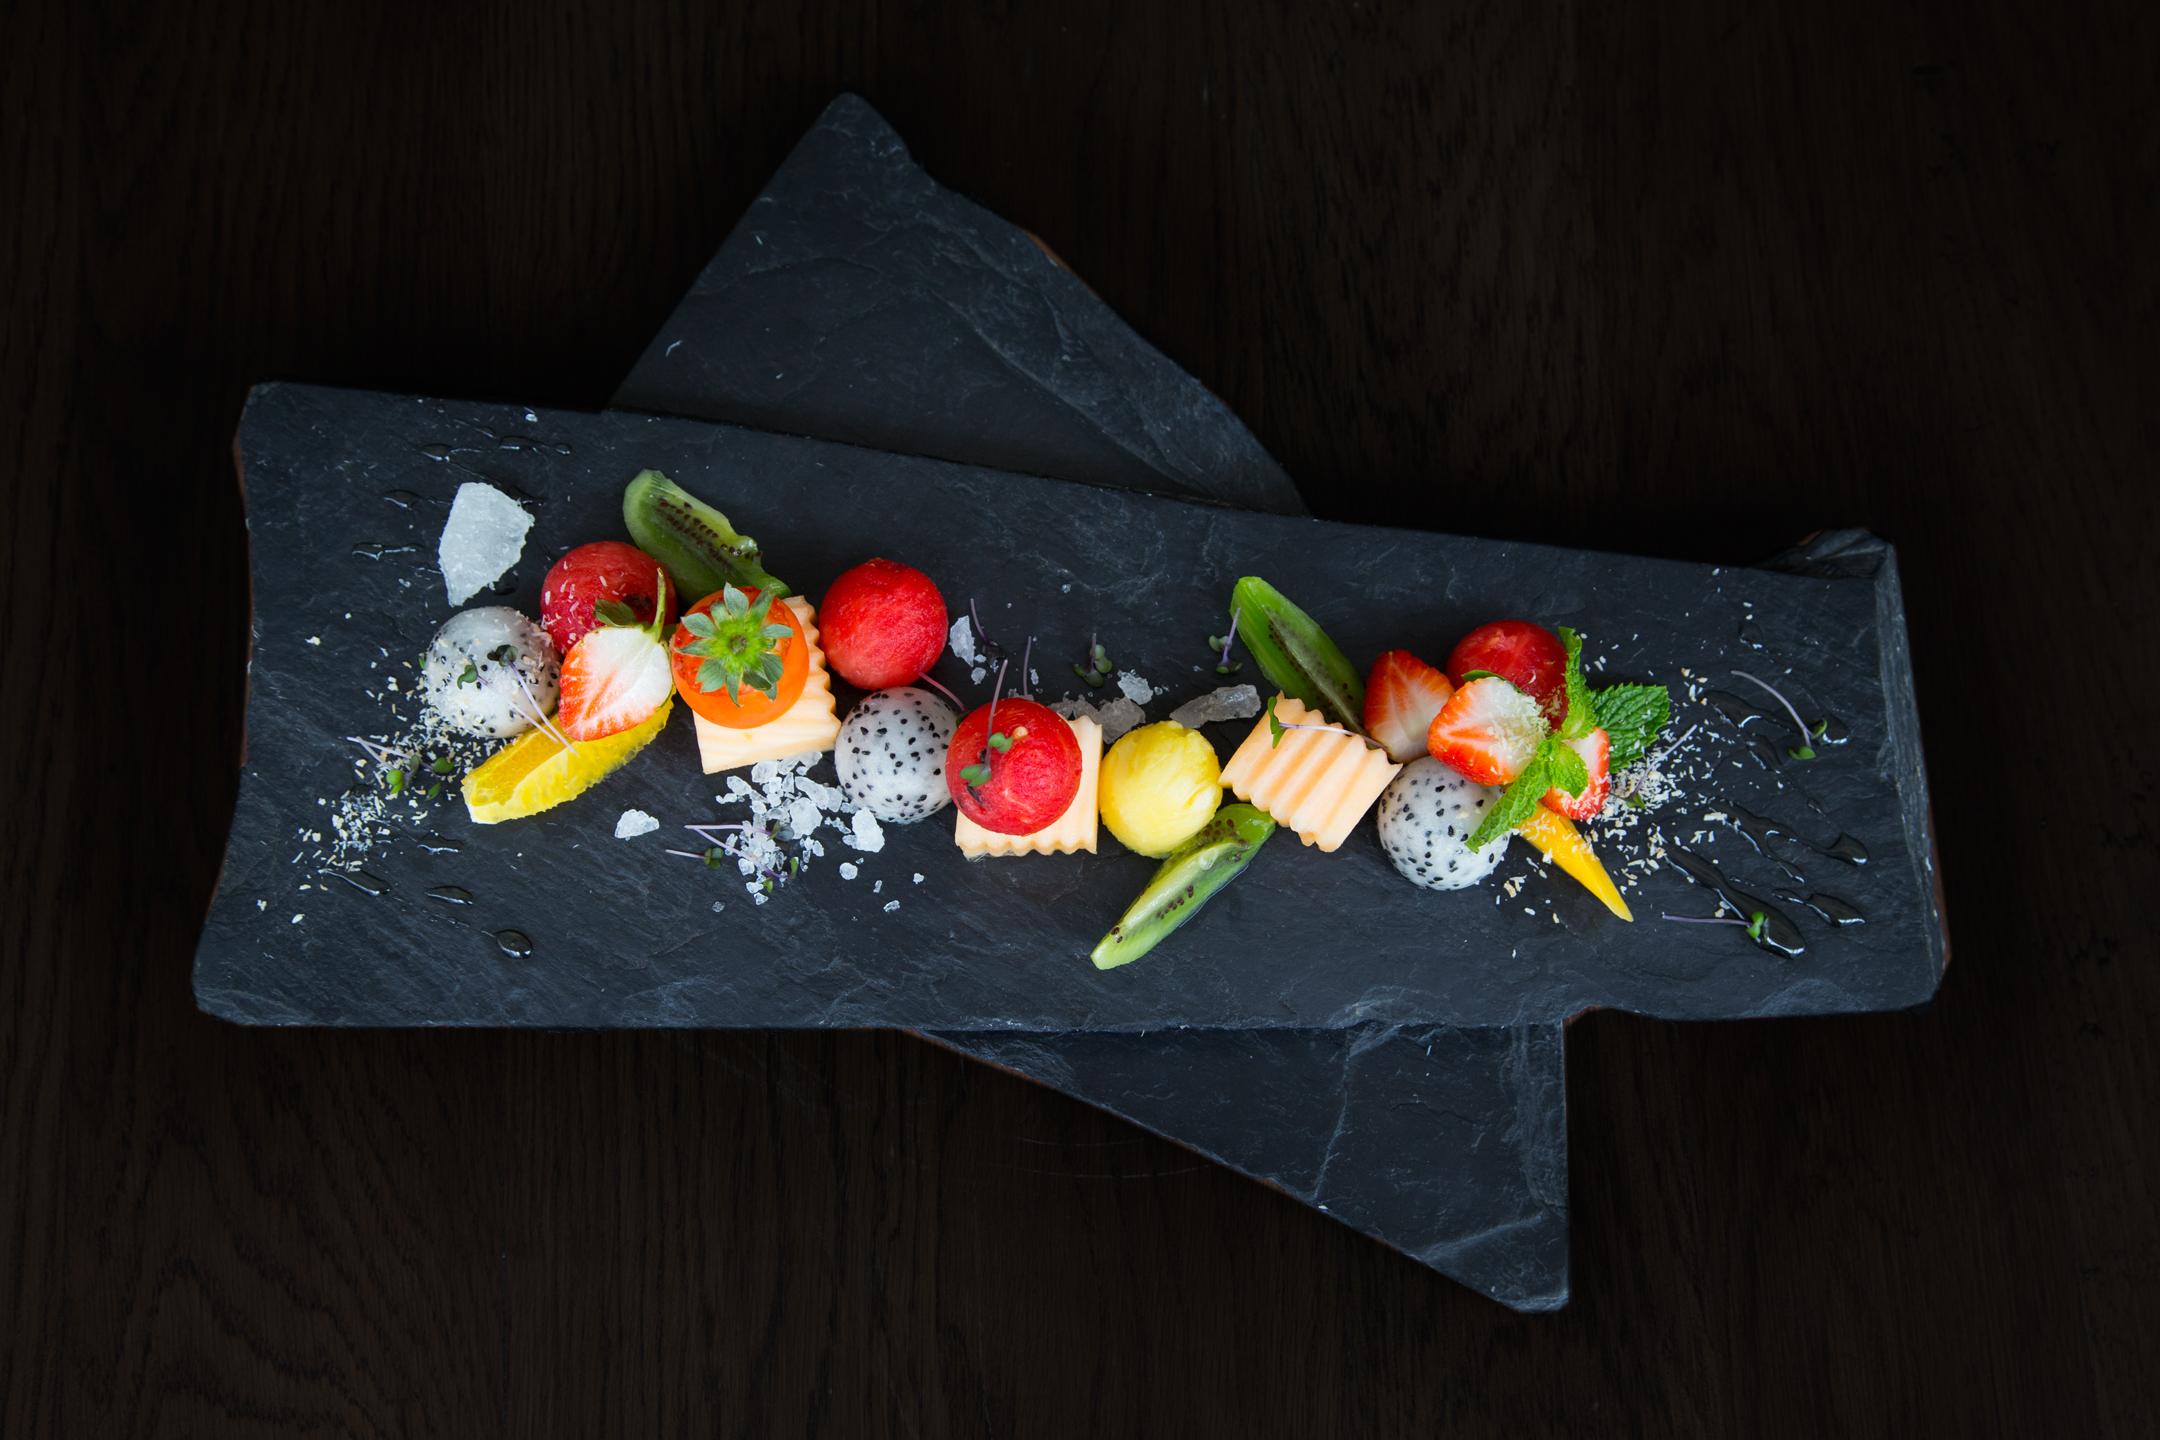 Grand Mercure_Restaurant Dishes-10.jpg